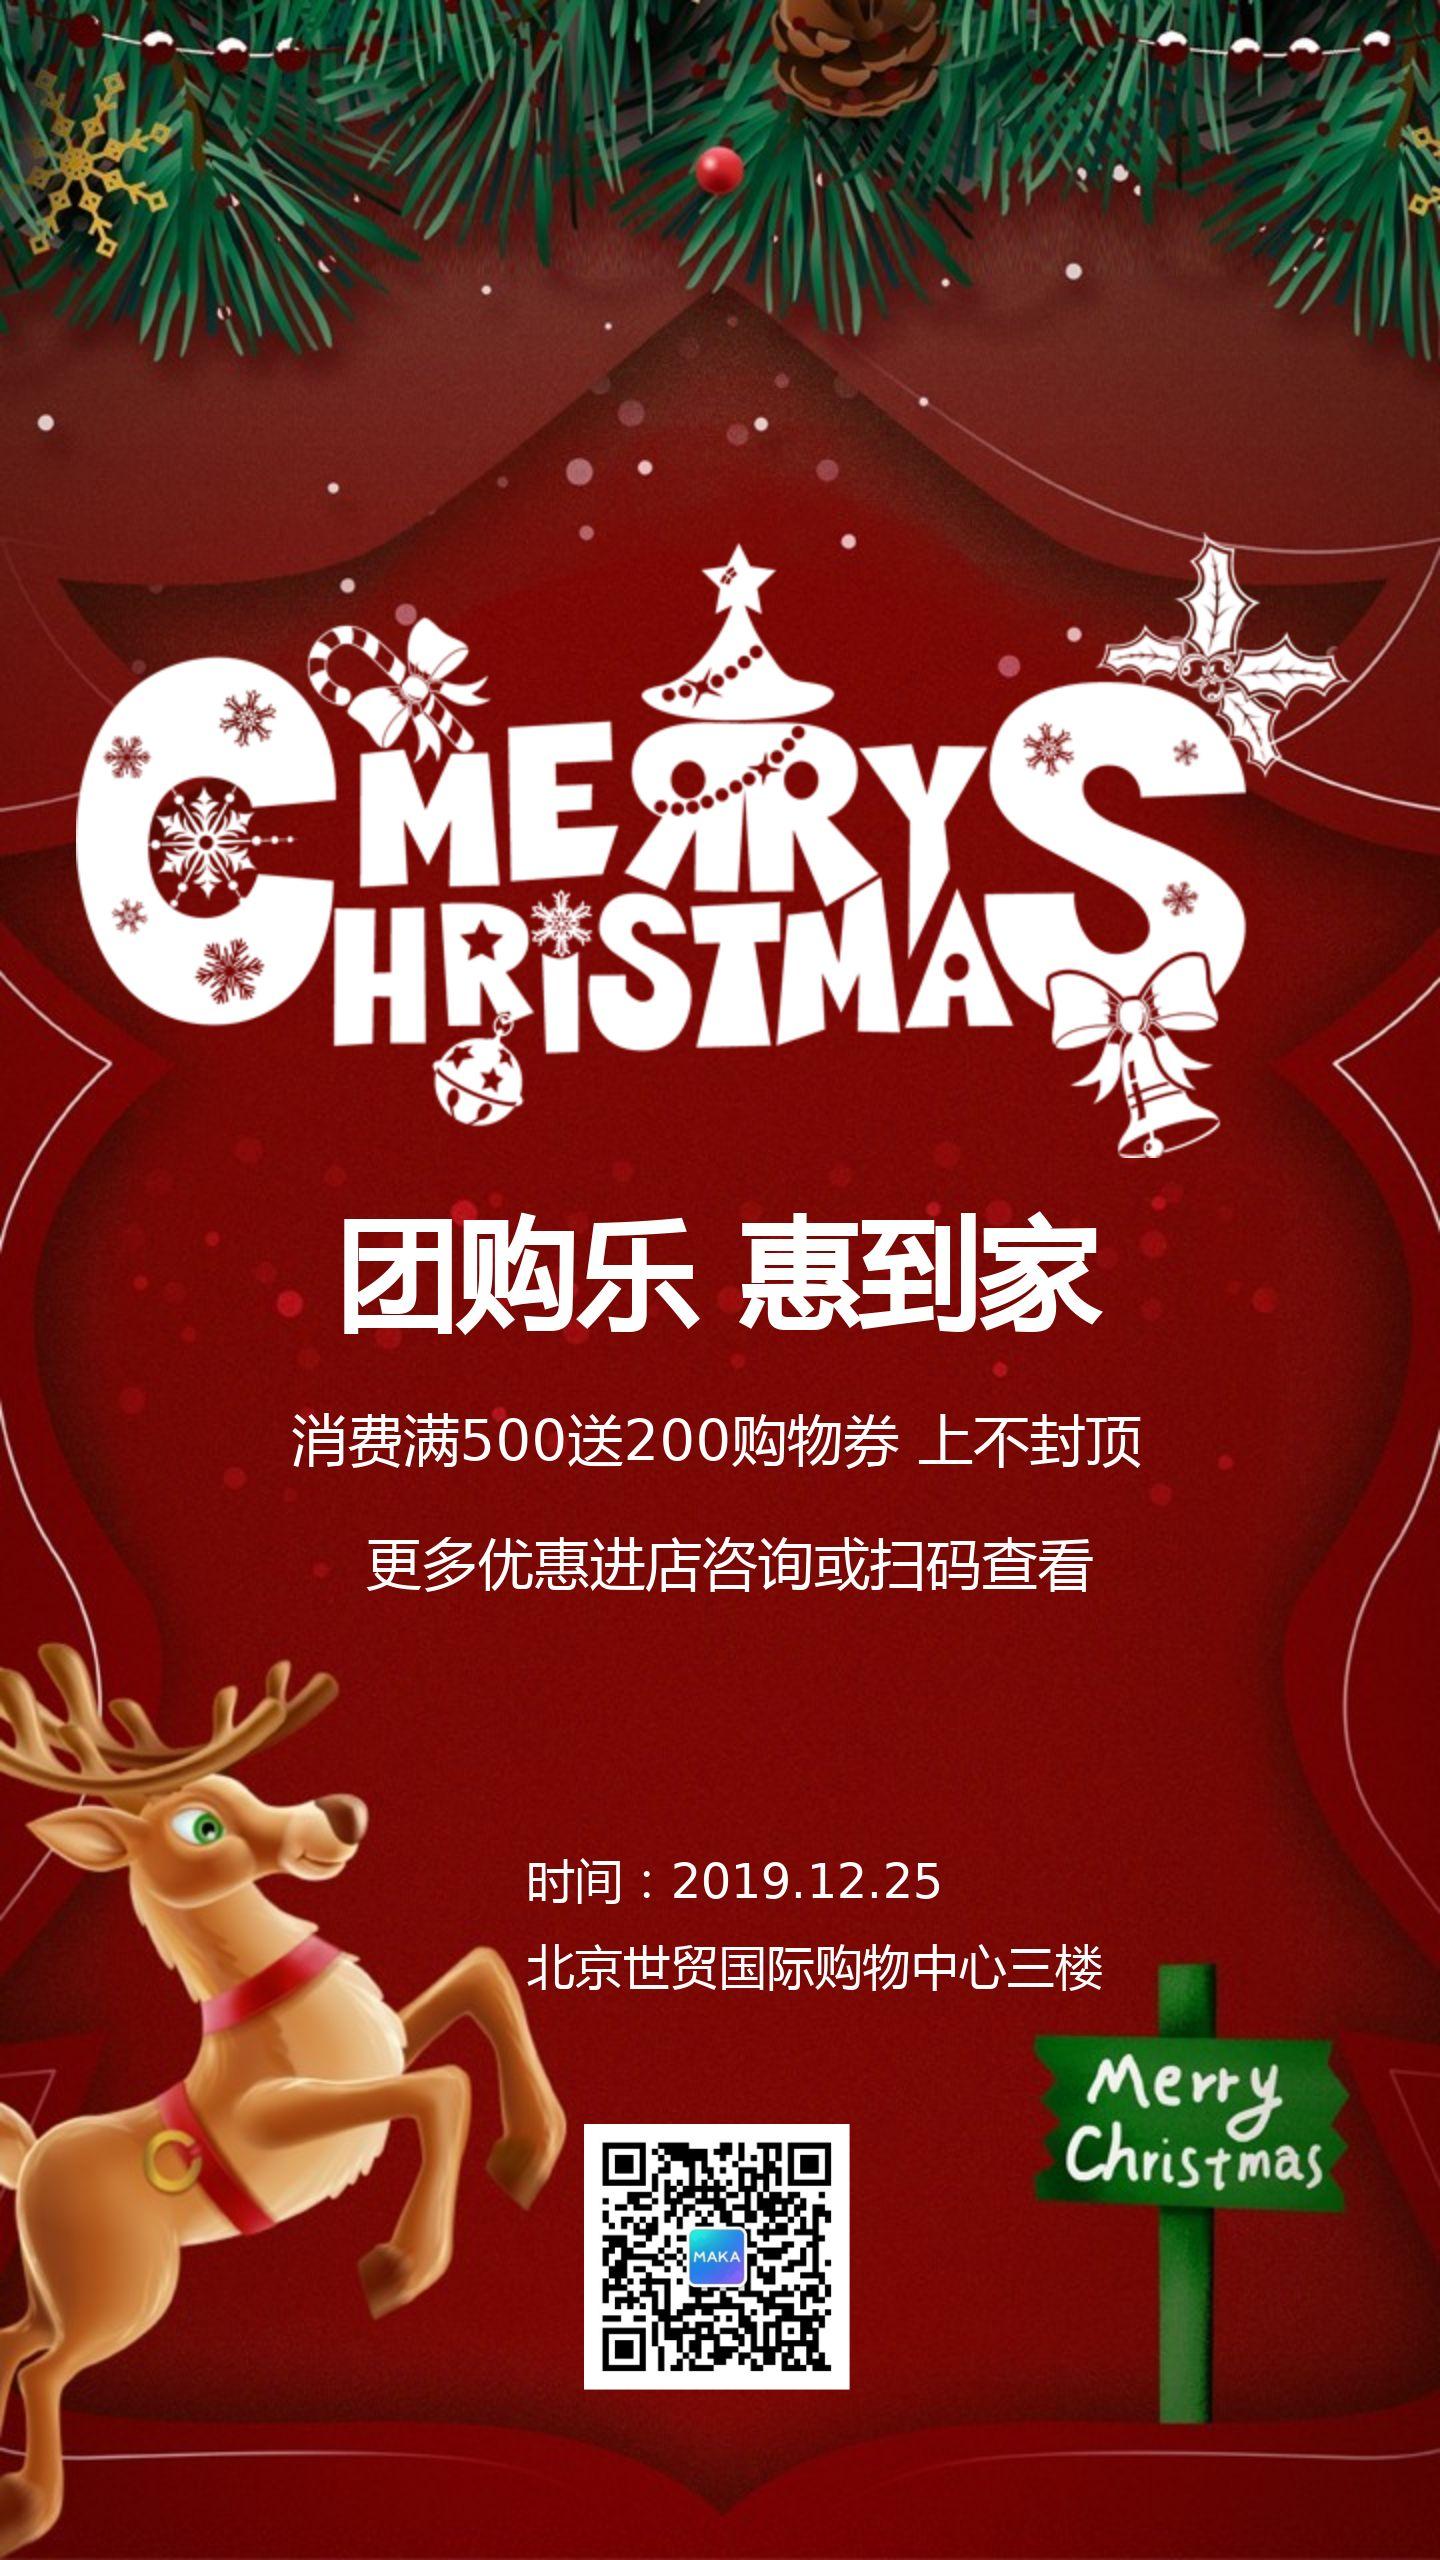 红色喜庆简约圣诞节商家促销宣传海报